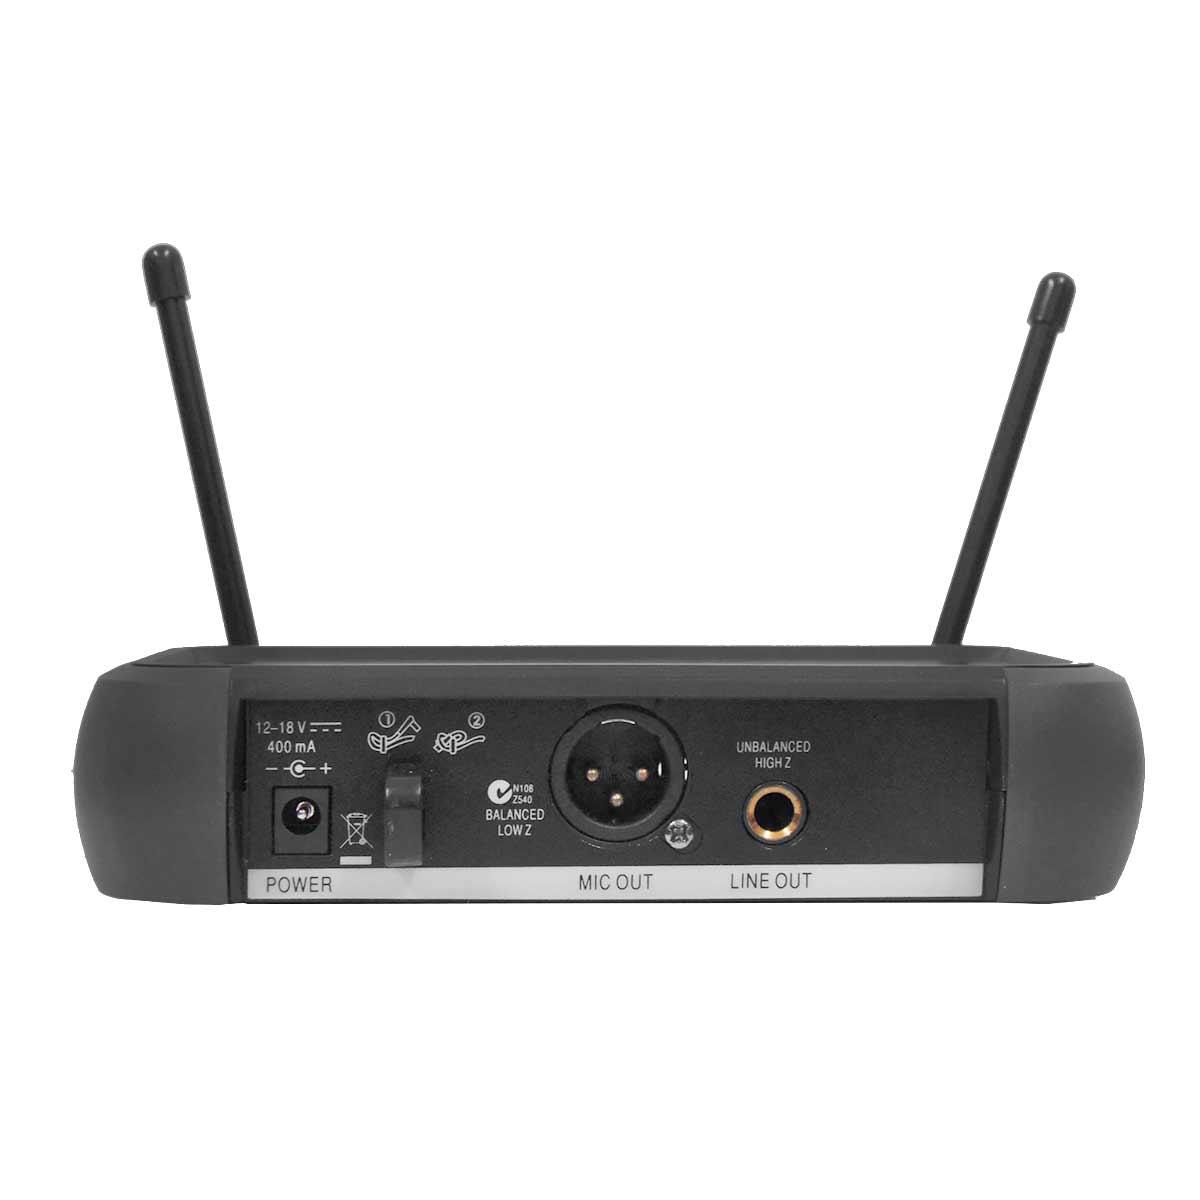 VH202PROMHL - Microfone s/ Fio Mão, Headset e Lapela VH 202 PRO MHL - Lyco